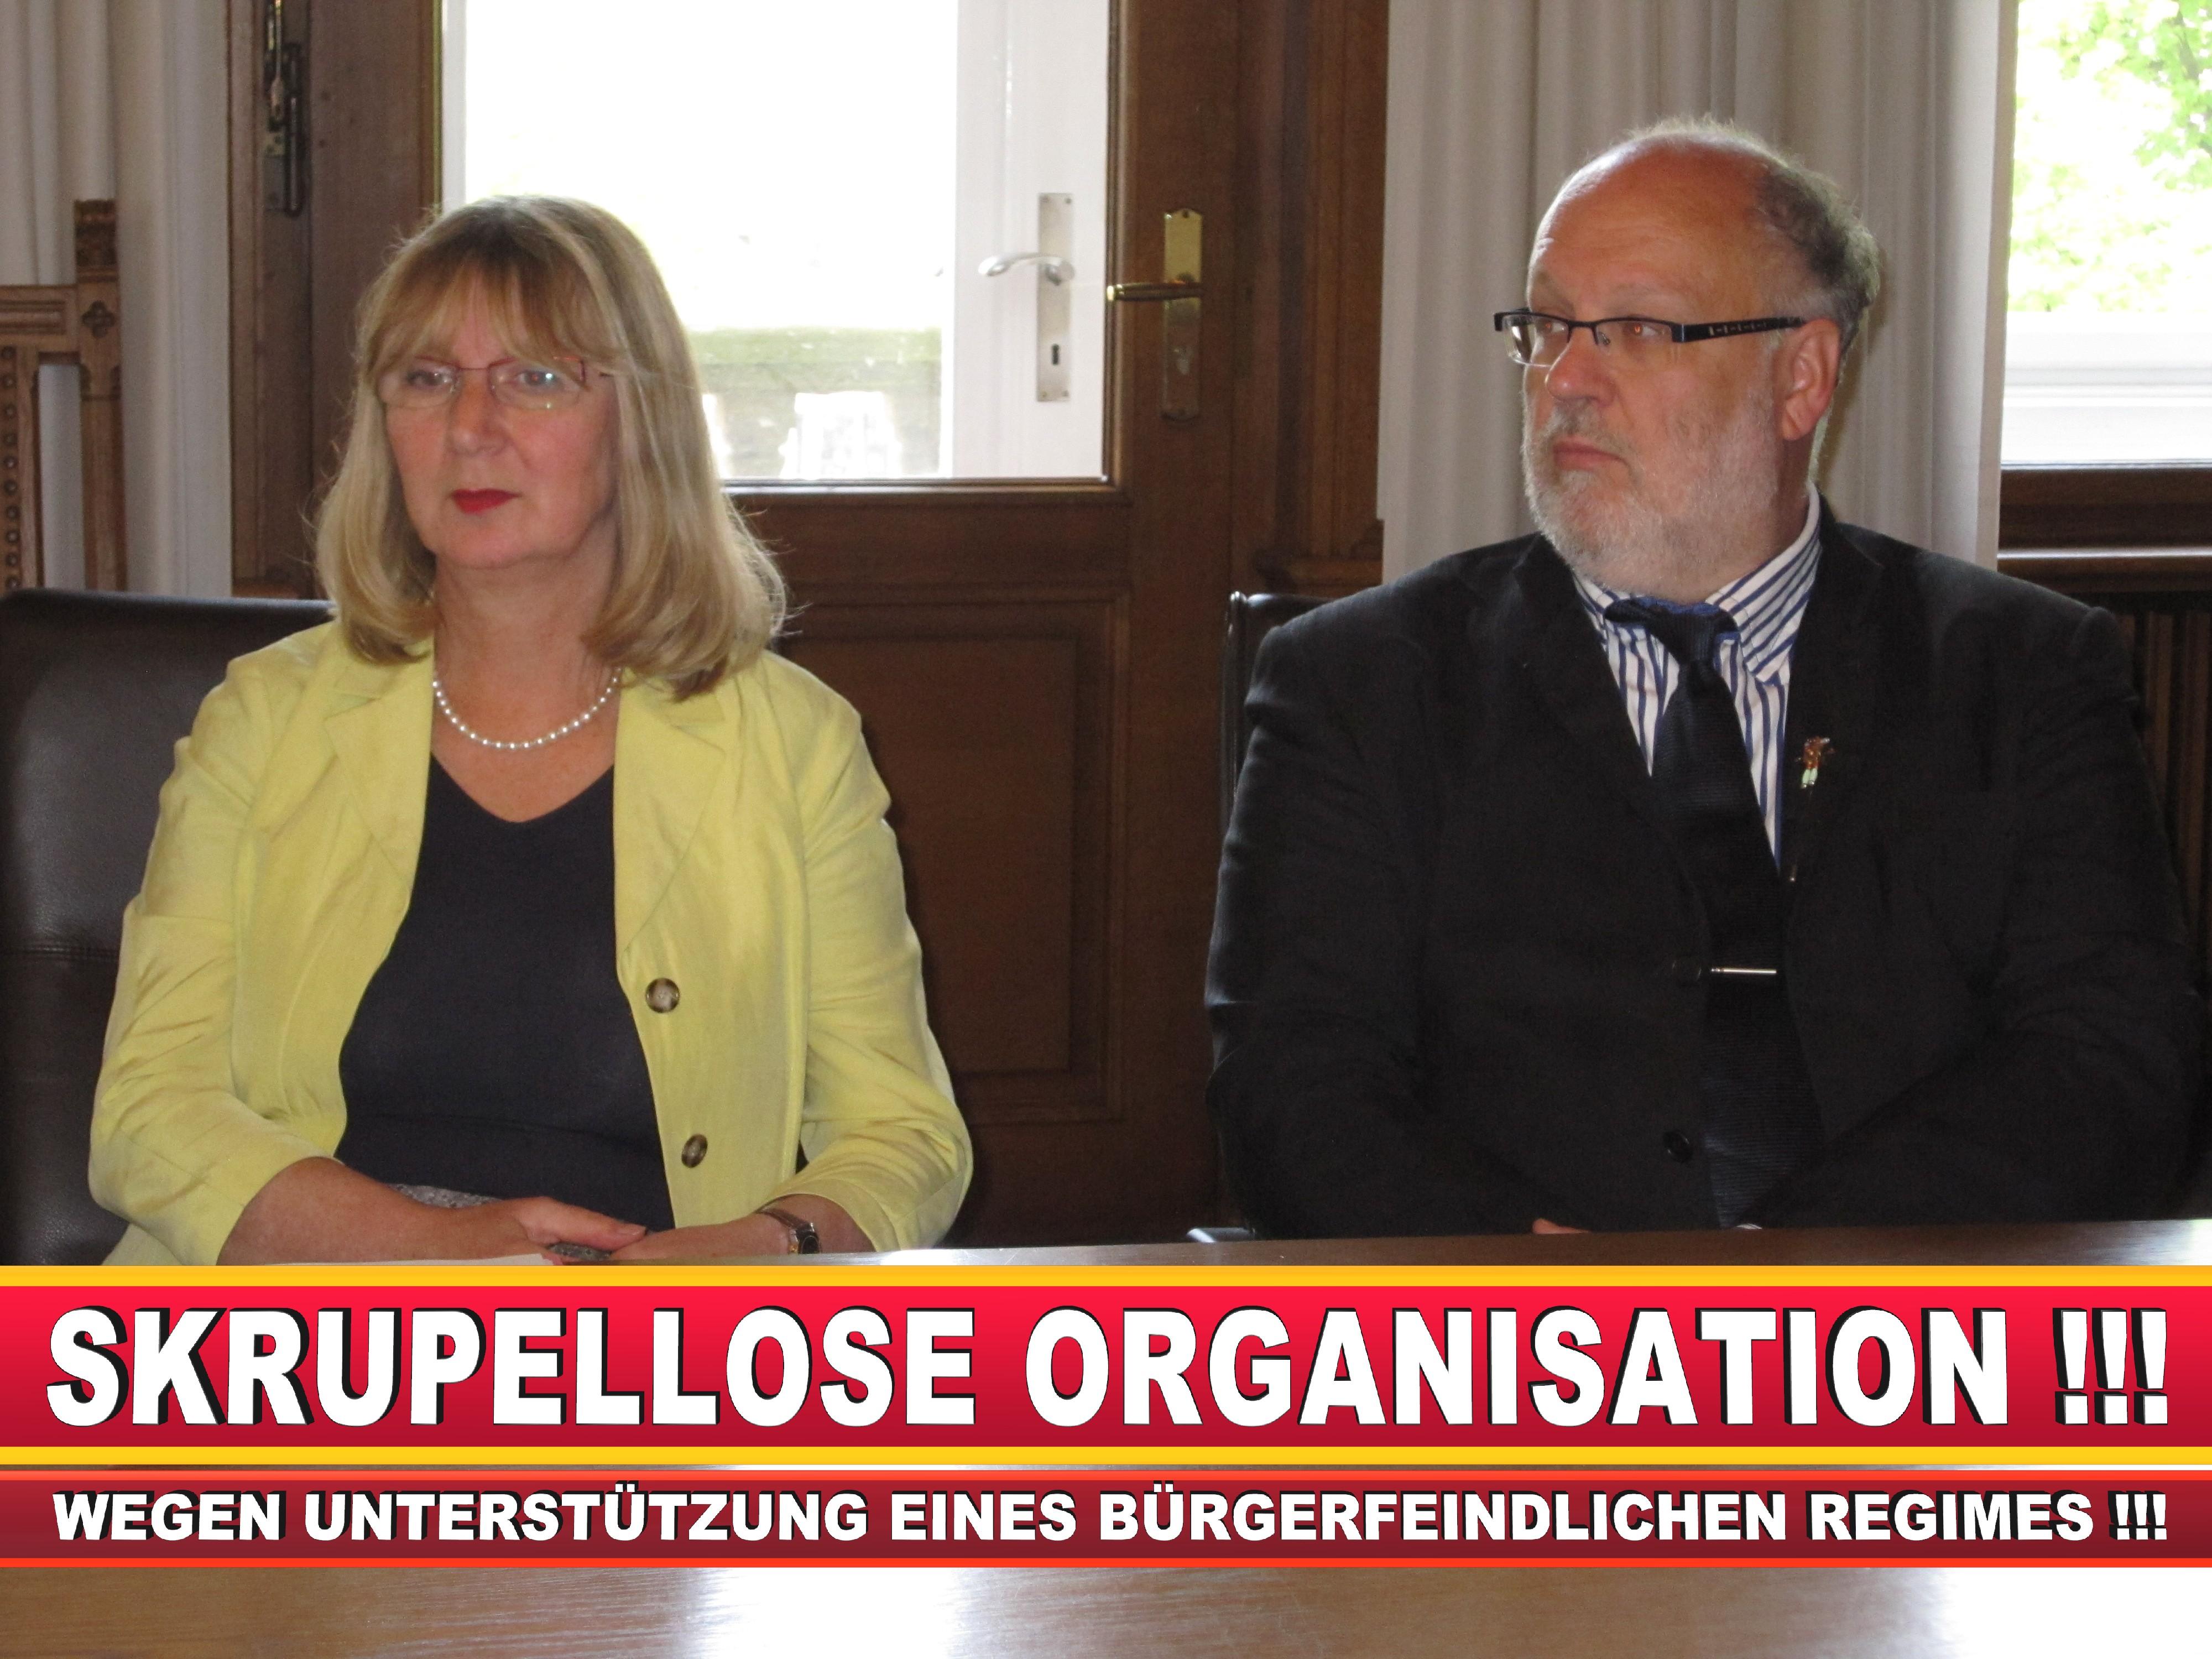 Polizeipräsident Erwin Südfeld Bielefeld Oberbürgermeister Bürgermeister Peter Clausen Pit Clausen Bielefeld (21)